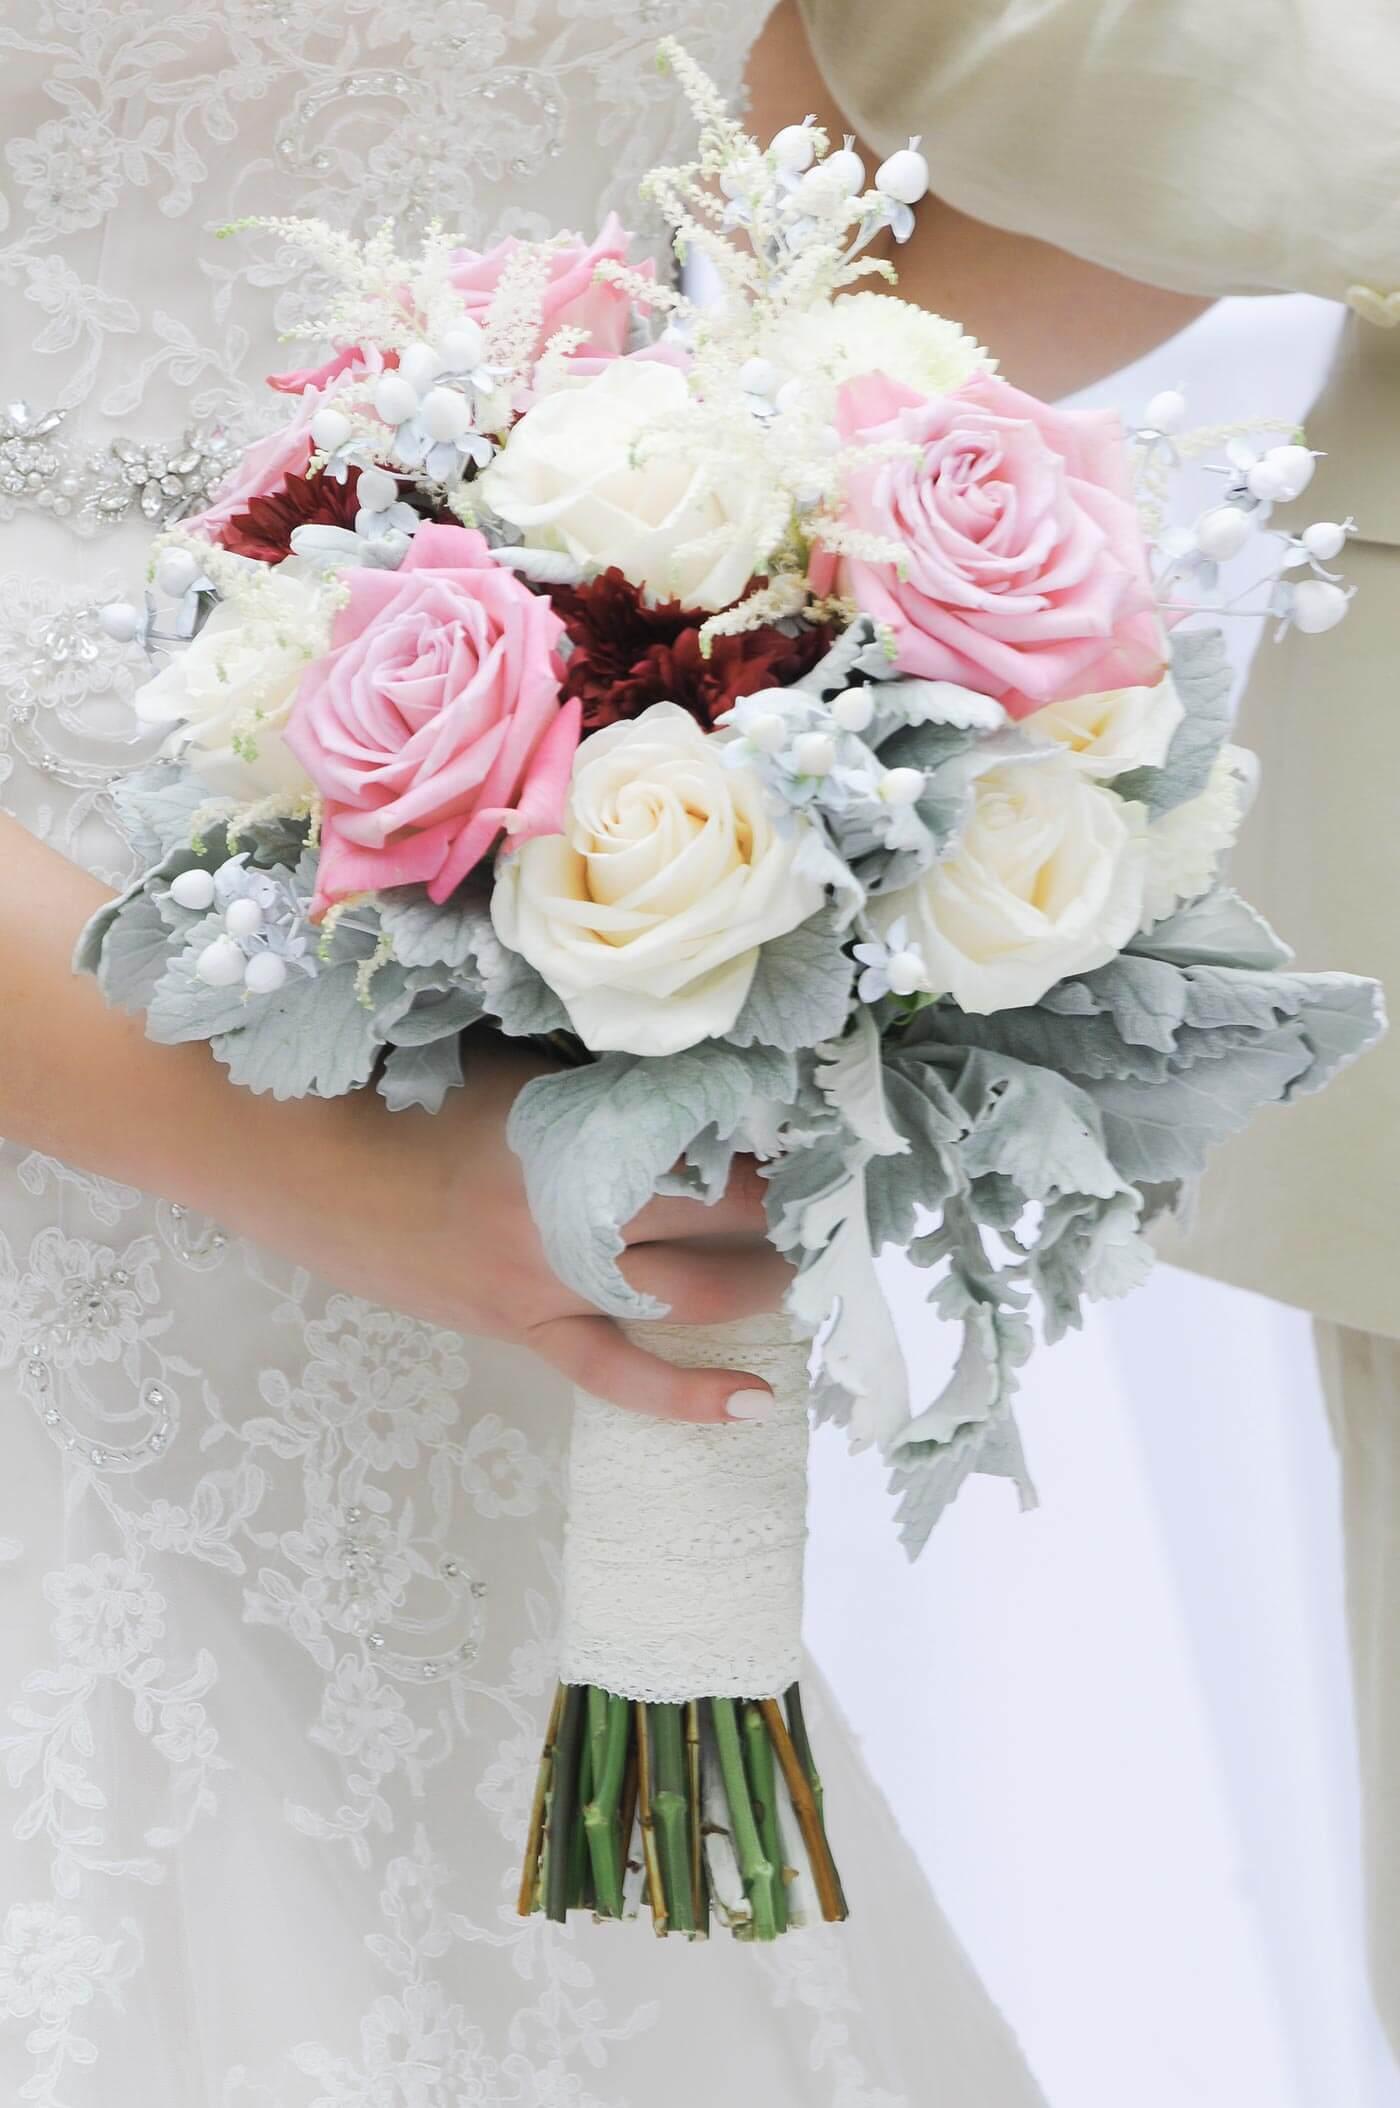 Hochzeitsstrauss Bilder Die Euch Inspirieren